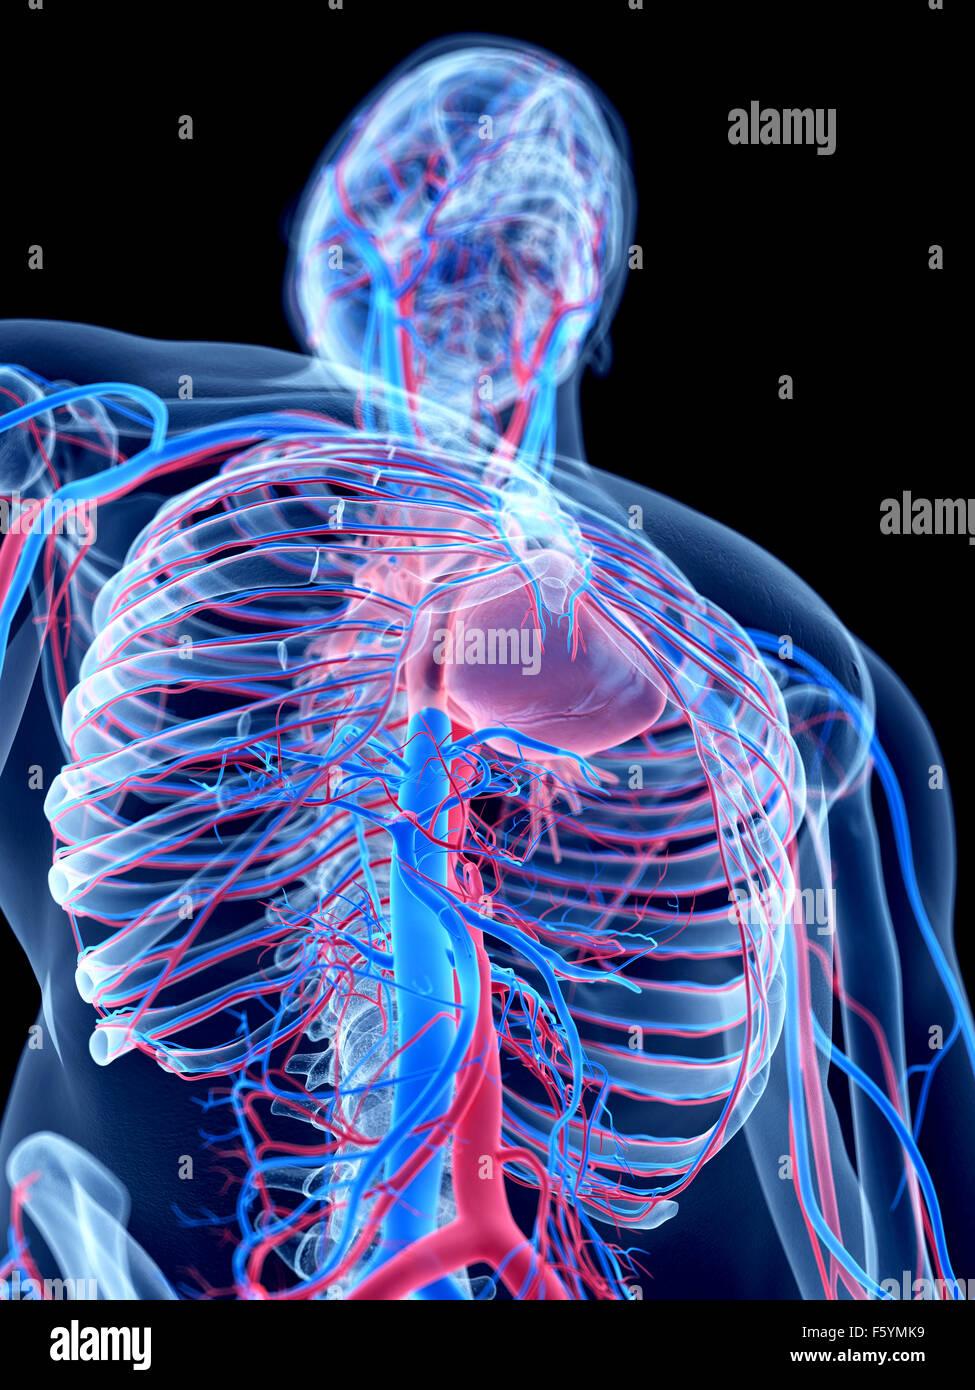 das menschliche Gefäßsystem - thorax Stockfoto, Bild: 89734045 - Alamy